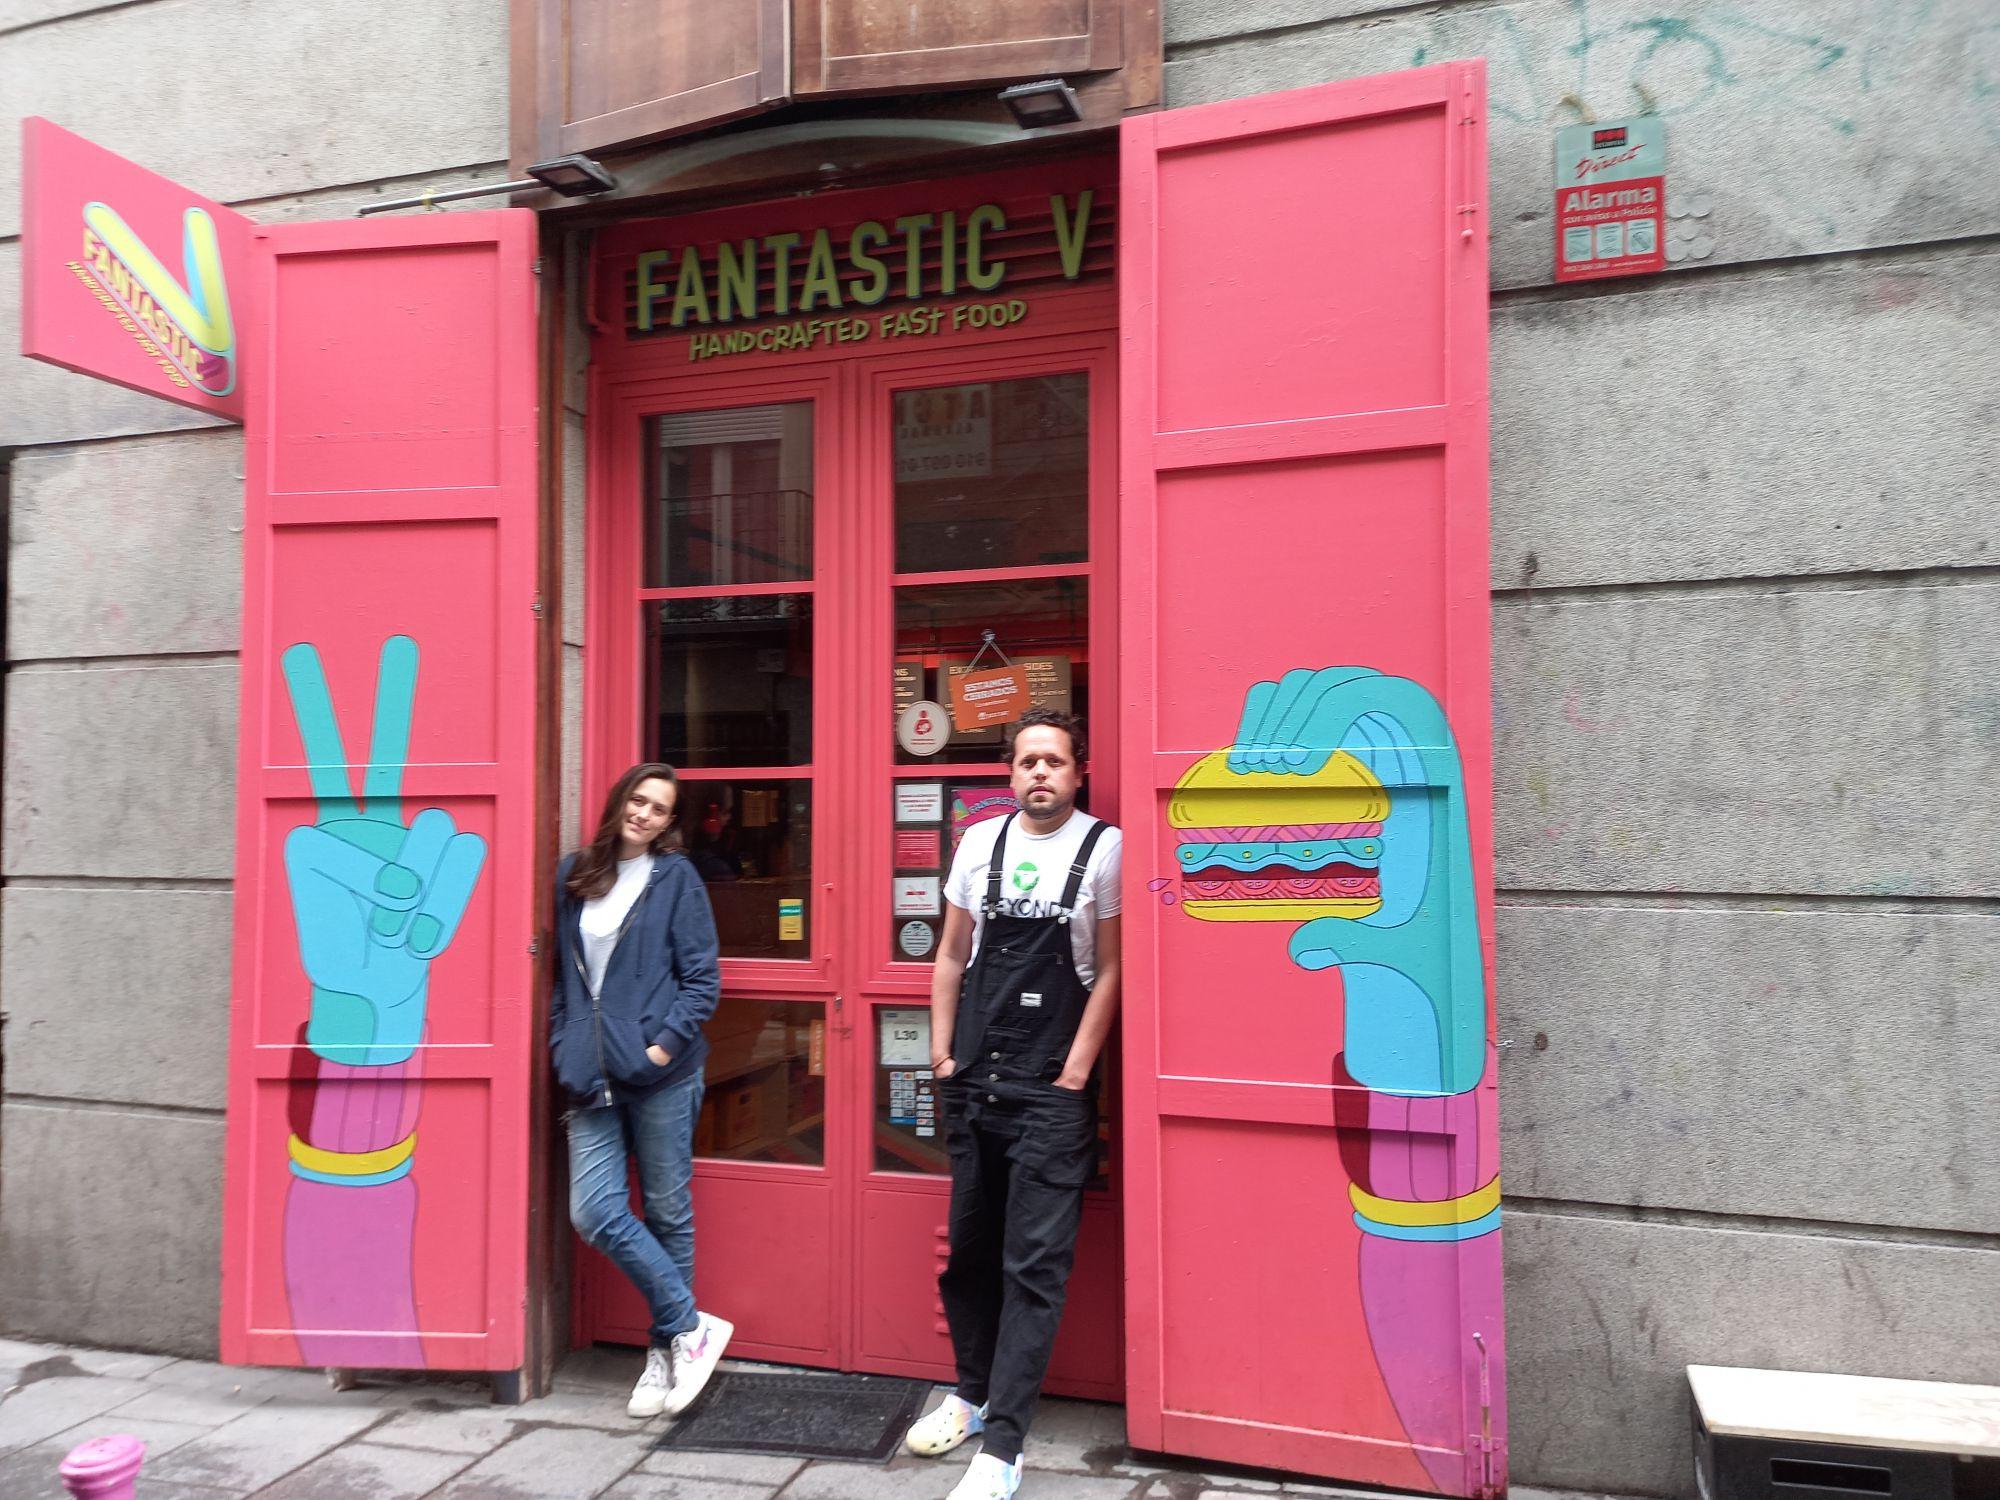 Cristina de la Pava y Sebastián Sánchez abrieron Fantastic V en 2019 / Foto: Cortesía